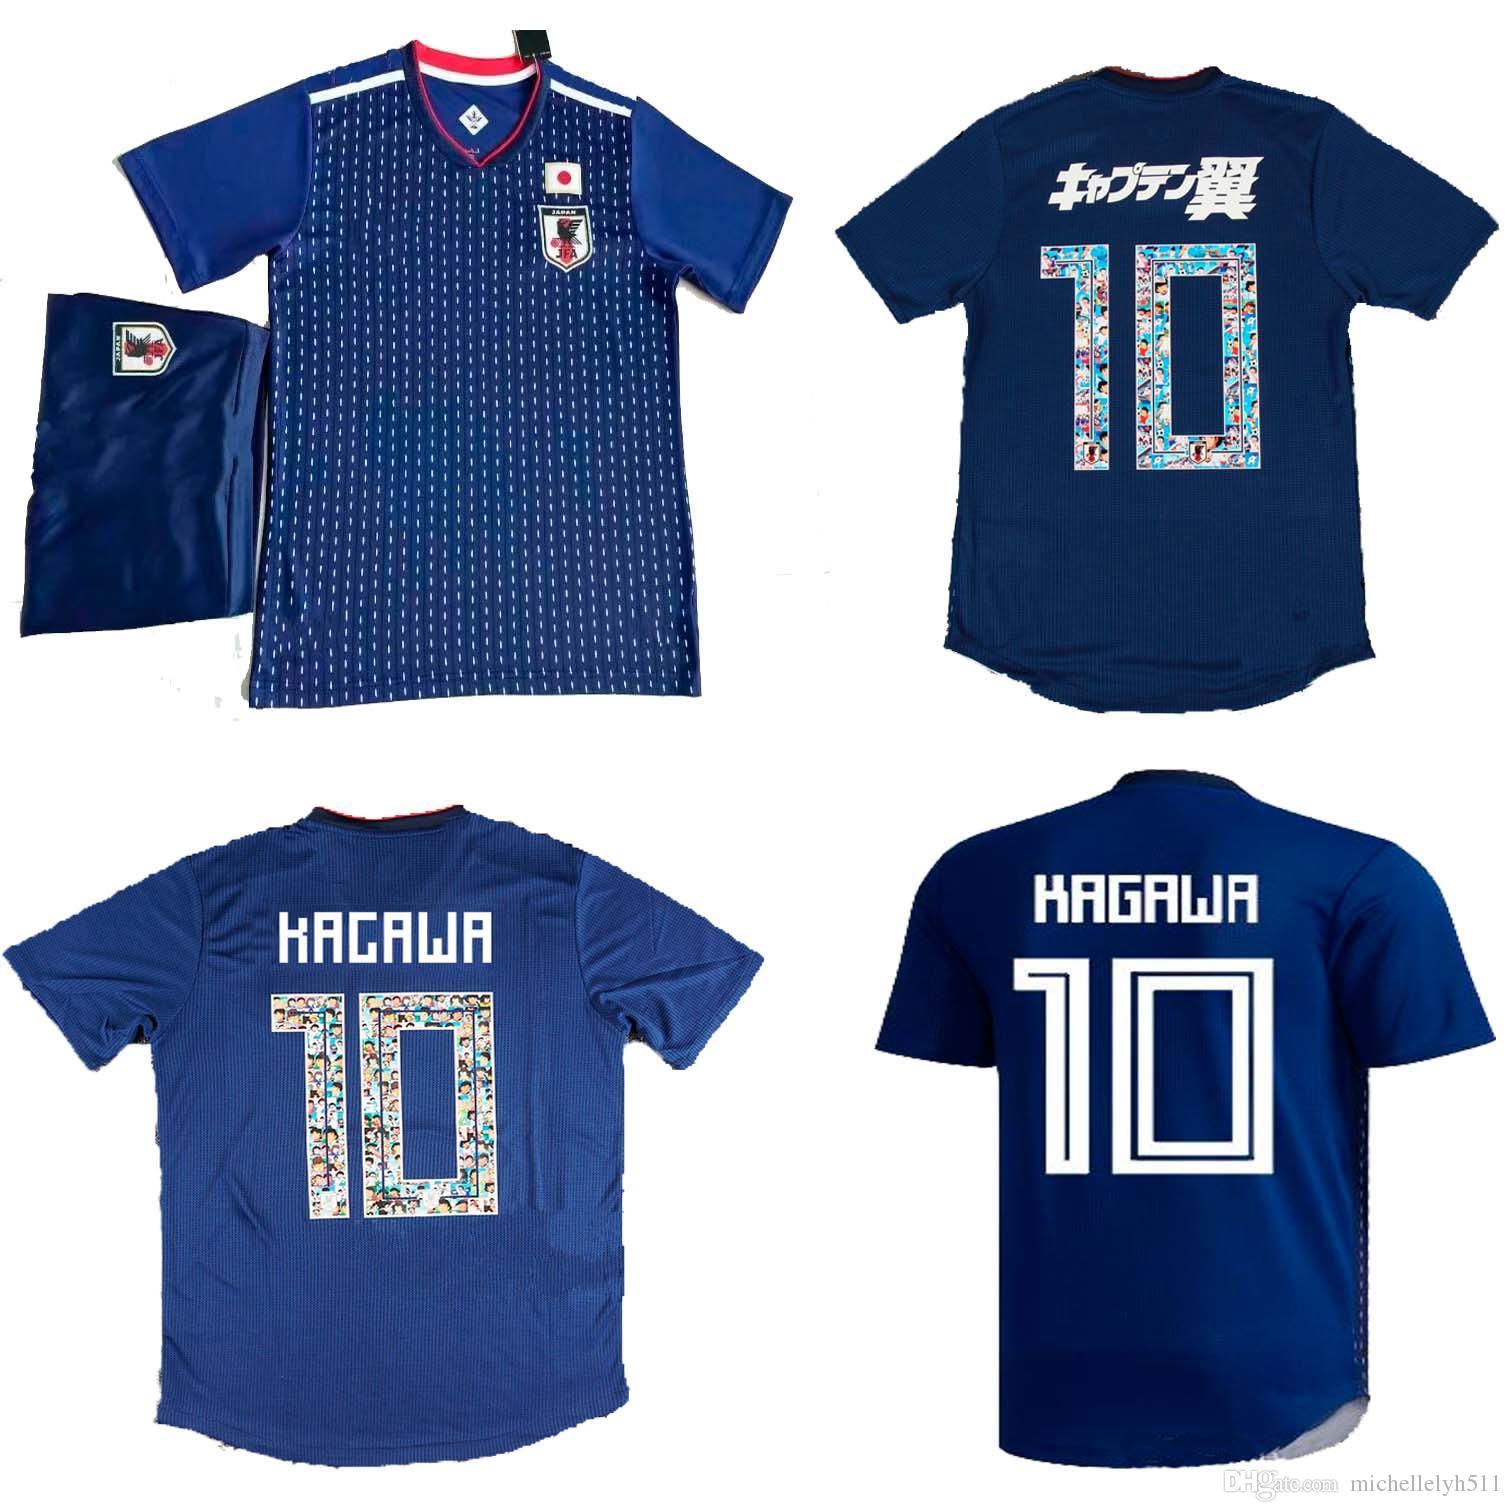 2019 Tsubasa Soccer Jersey Shorts Japan Home Blue Soccer Uniform 18 19  OKAZAKI KAGAWA Football Shirts Pants 2018 Japan World Cup Soccer Suits From  ... 84bf27634